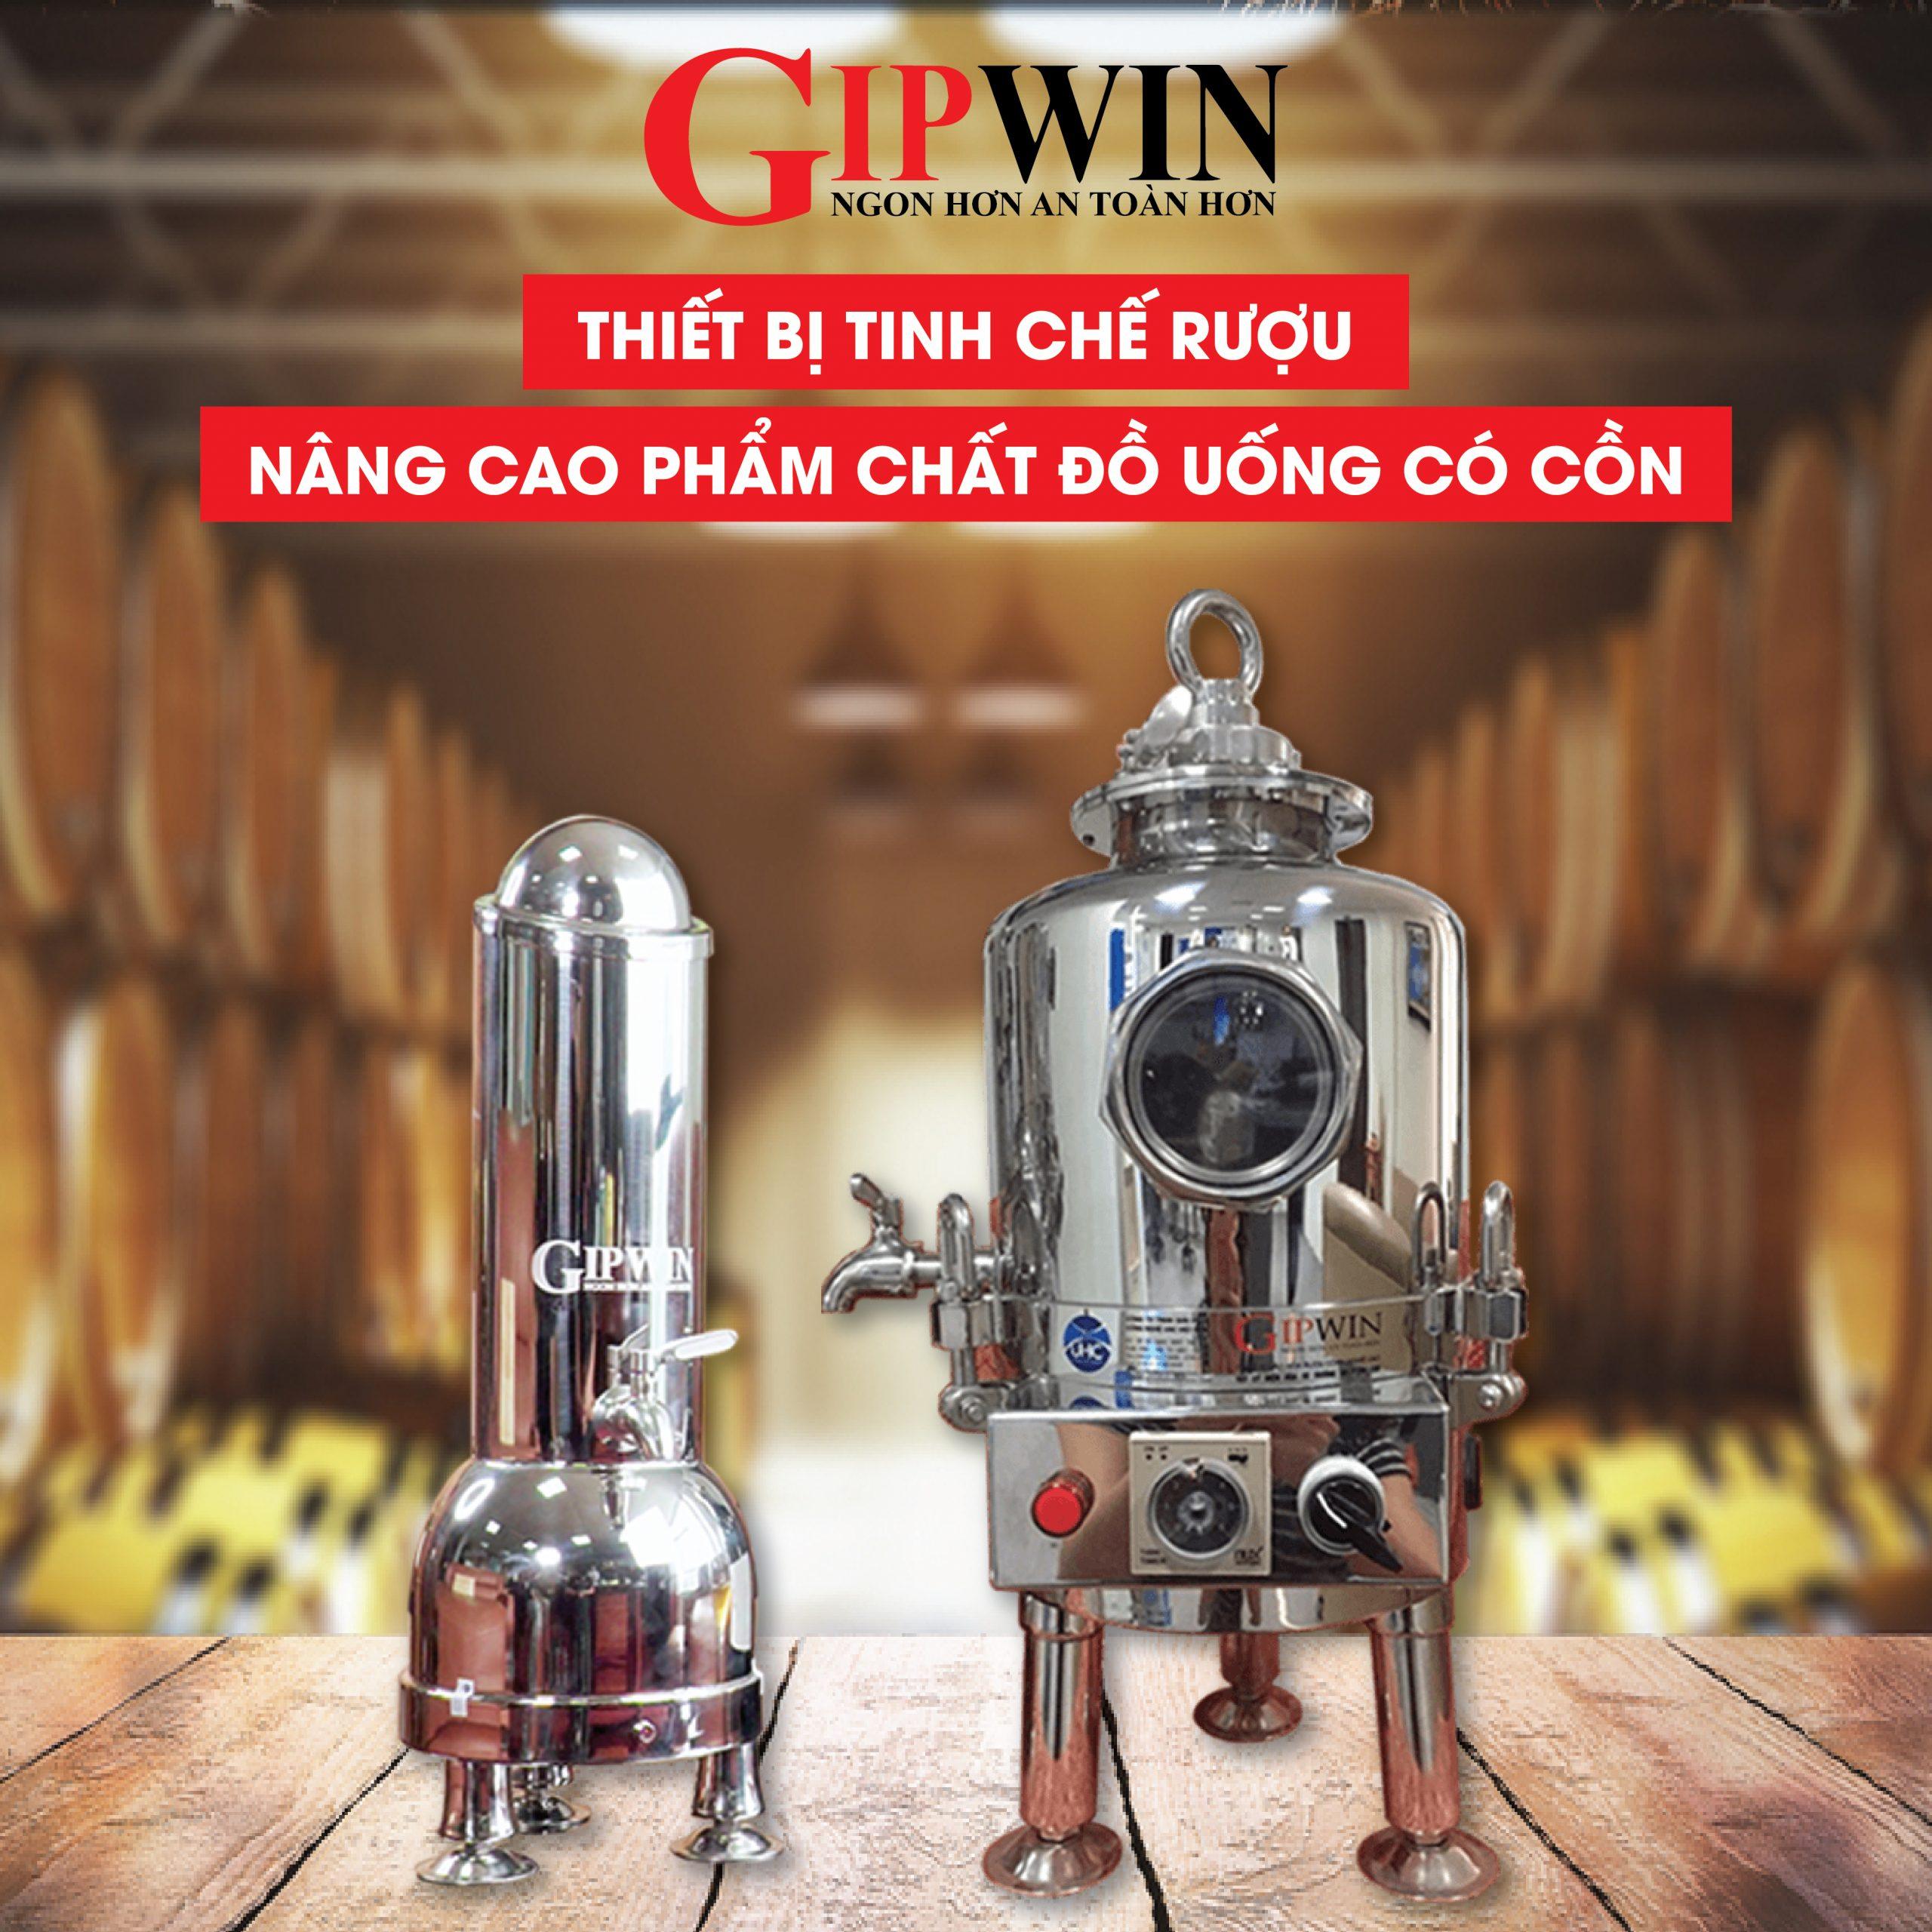 GIPWIN - Máy lão hóa rượu hàng đầu Việt Nam